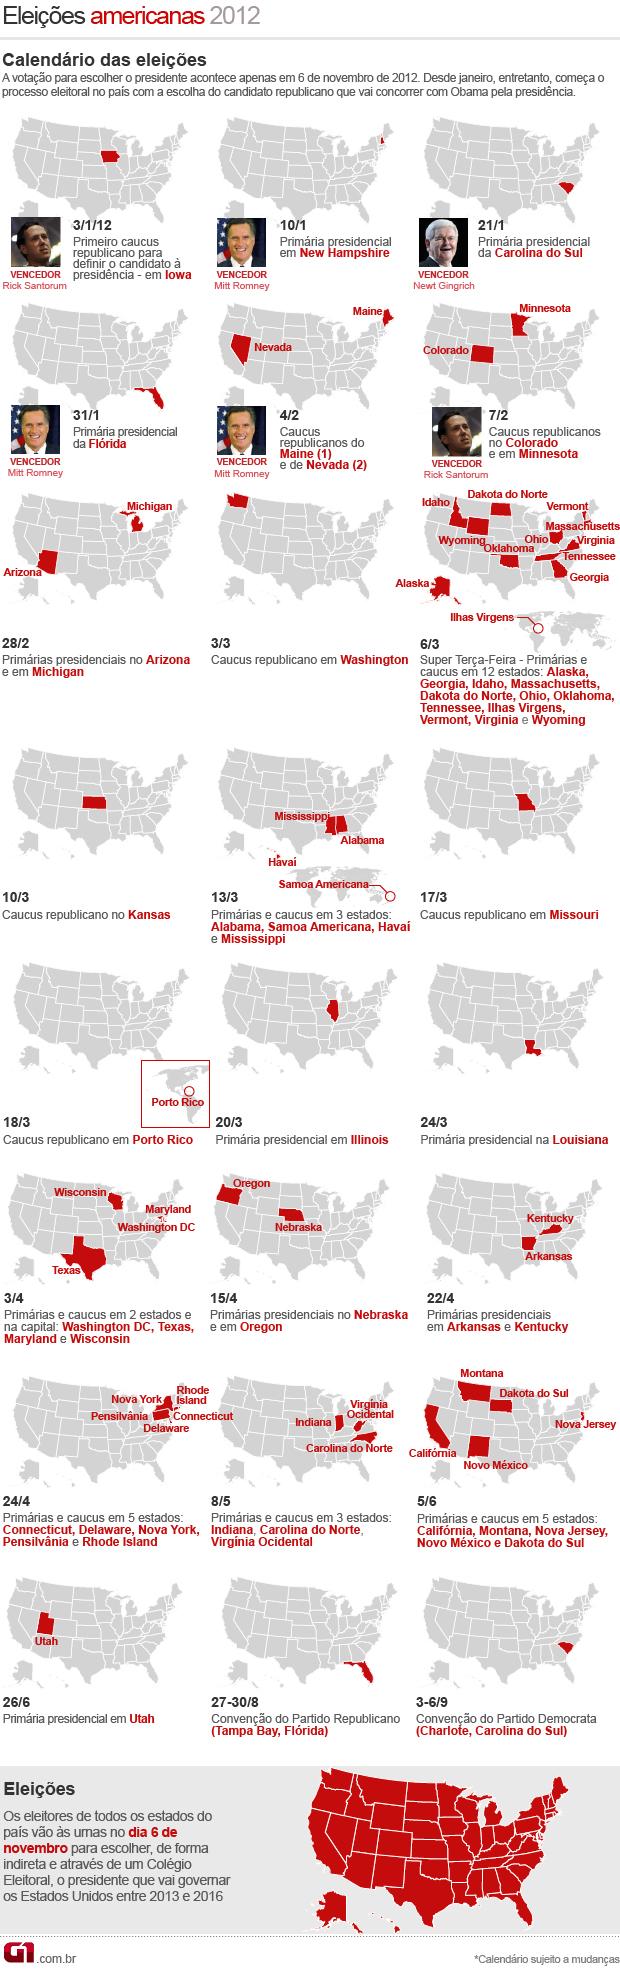 Eleições EUA 2012 - calendário primárias Republicanos 08.02 (Foto: Editoria de Arte/G1)